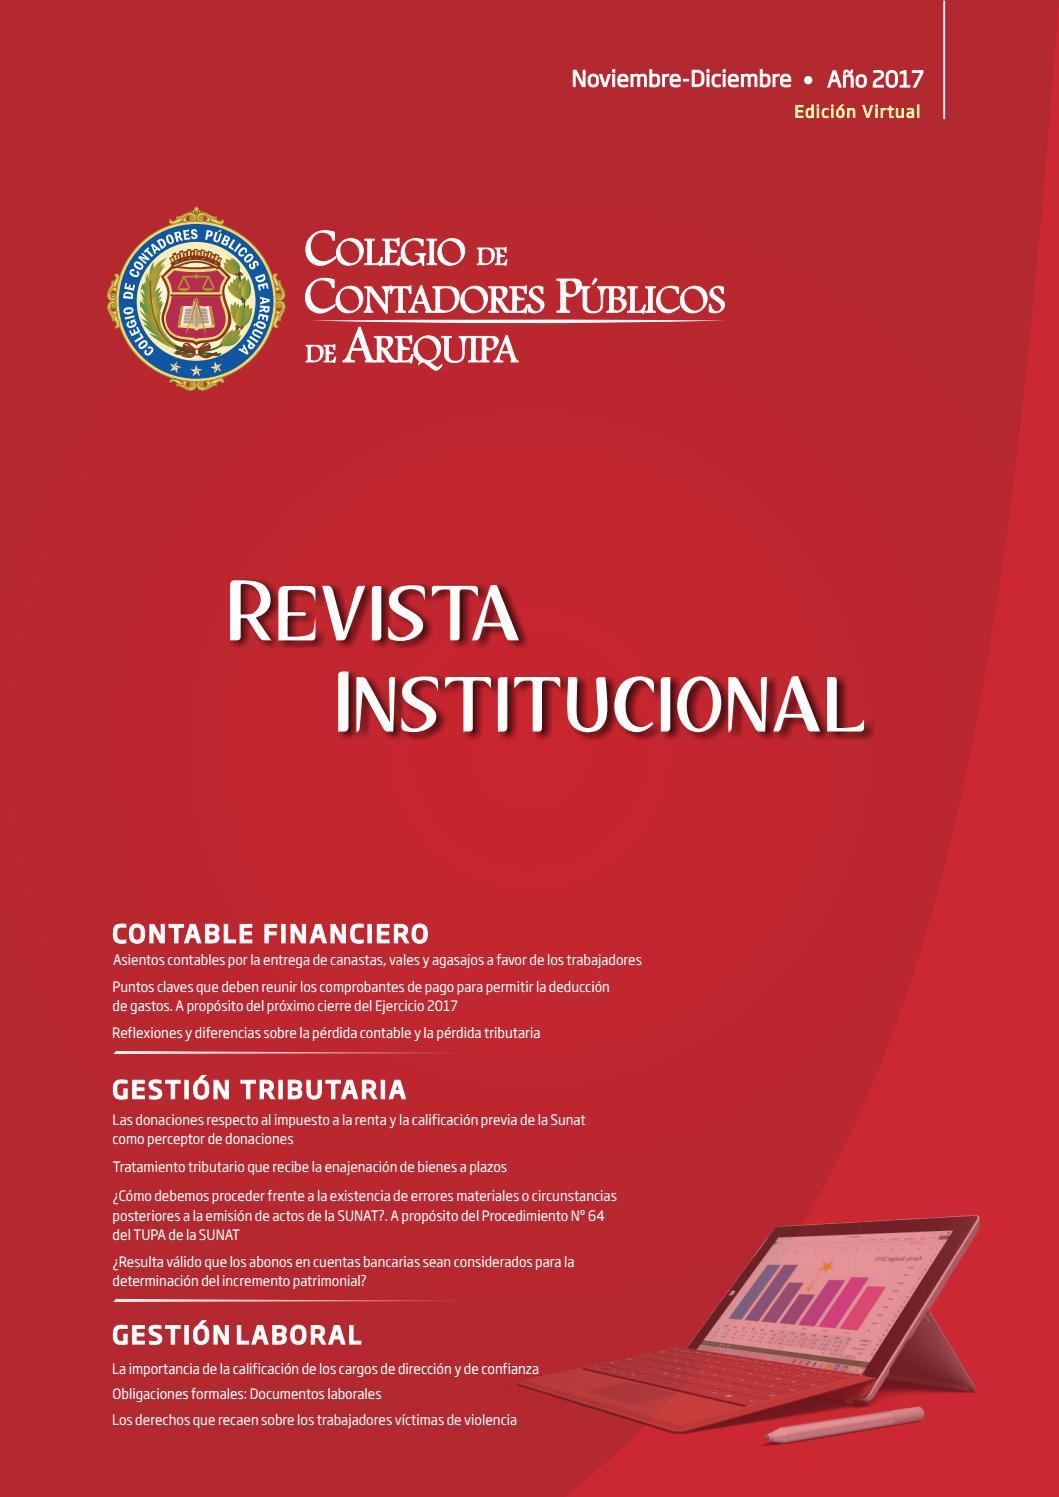 Revista Institucional - Noviembre-Diciembre 2017, edición virtual by ...